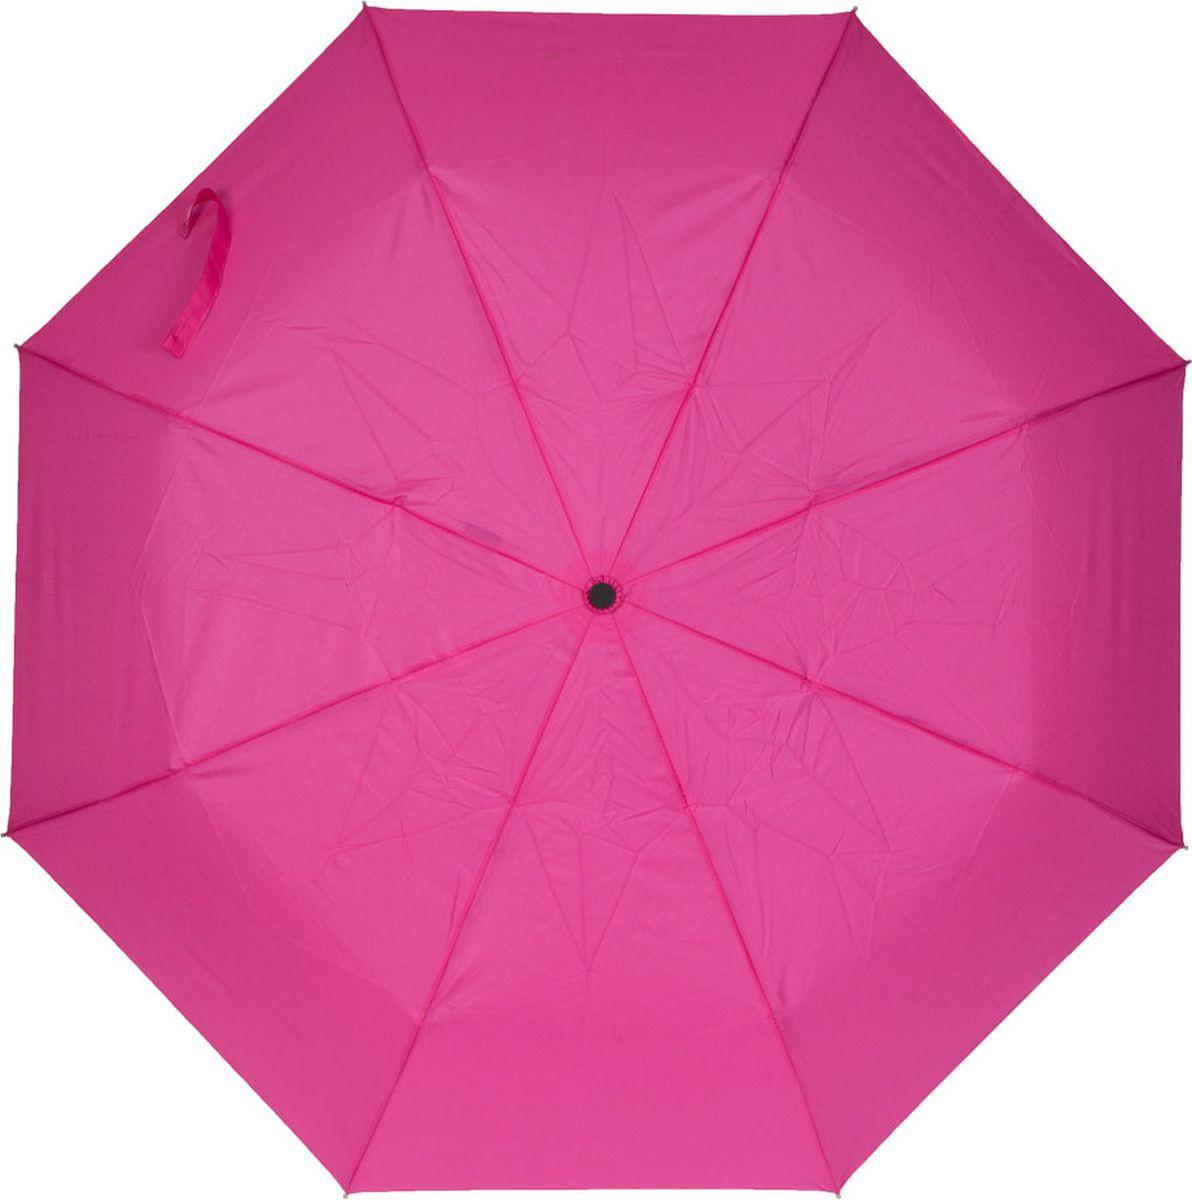 Зонт женский Labbra, цвет: фуксия. A3-05-LT200A3-05-LT200Женский зонт-автомат торговой марки LABBRA с проявляющимся рисунком. Изображение на зонте начинает проявляться, как только ткань купола намокает, при высыхании рисунок тускнеет и исчезает. Купол: 100% полиэстер, эпонж. Материал каркаса: сталь + алюминий + фибергласс. Материал ручки: пластик. Длина изделия - 29 см. Диаметр купола - 105 см.